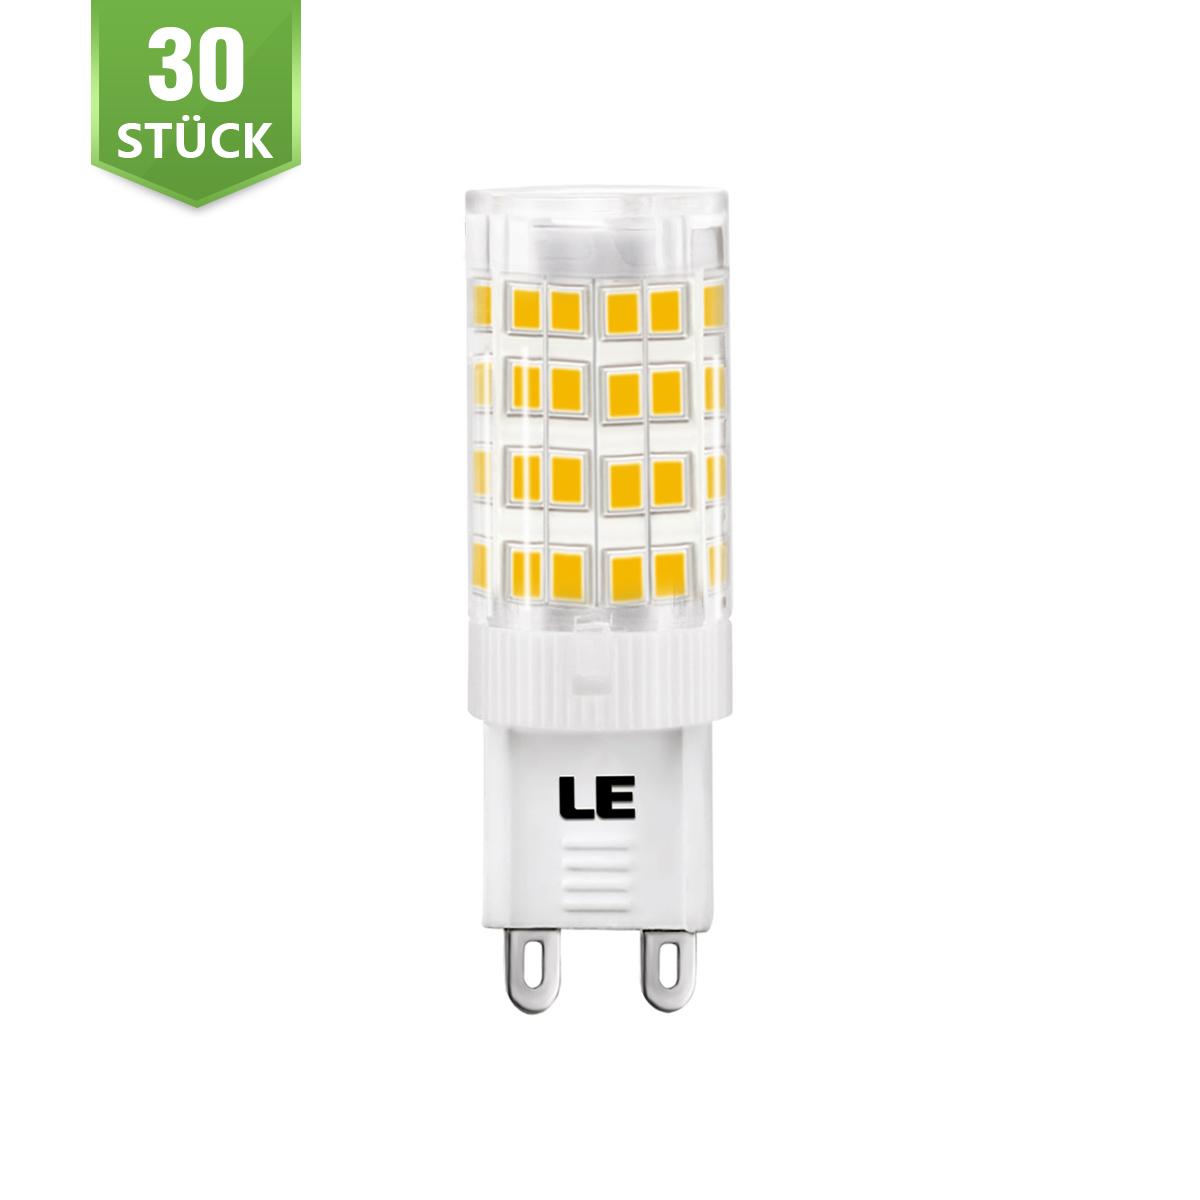 [Bündel] 5W G9 LED Maiskolben, 340lm Maisbirne, 360° Beleuchtung, Ersatz für 50W Halogenbirne, Warmweiß, 30er Set